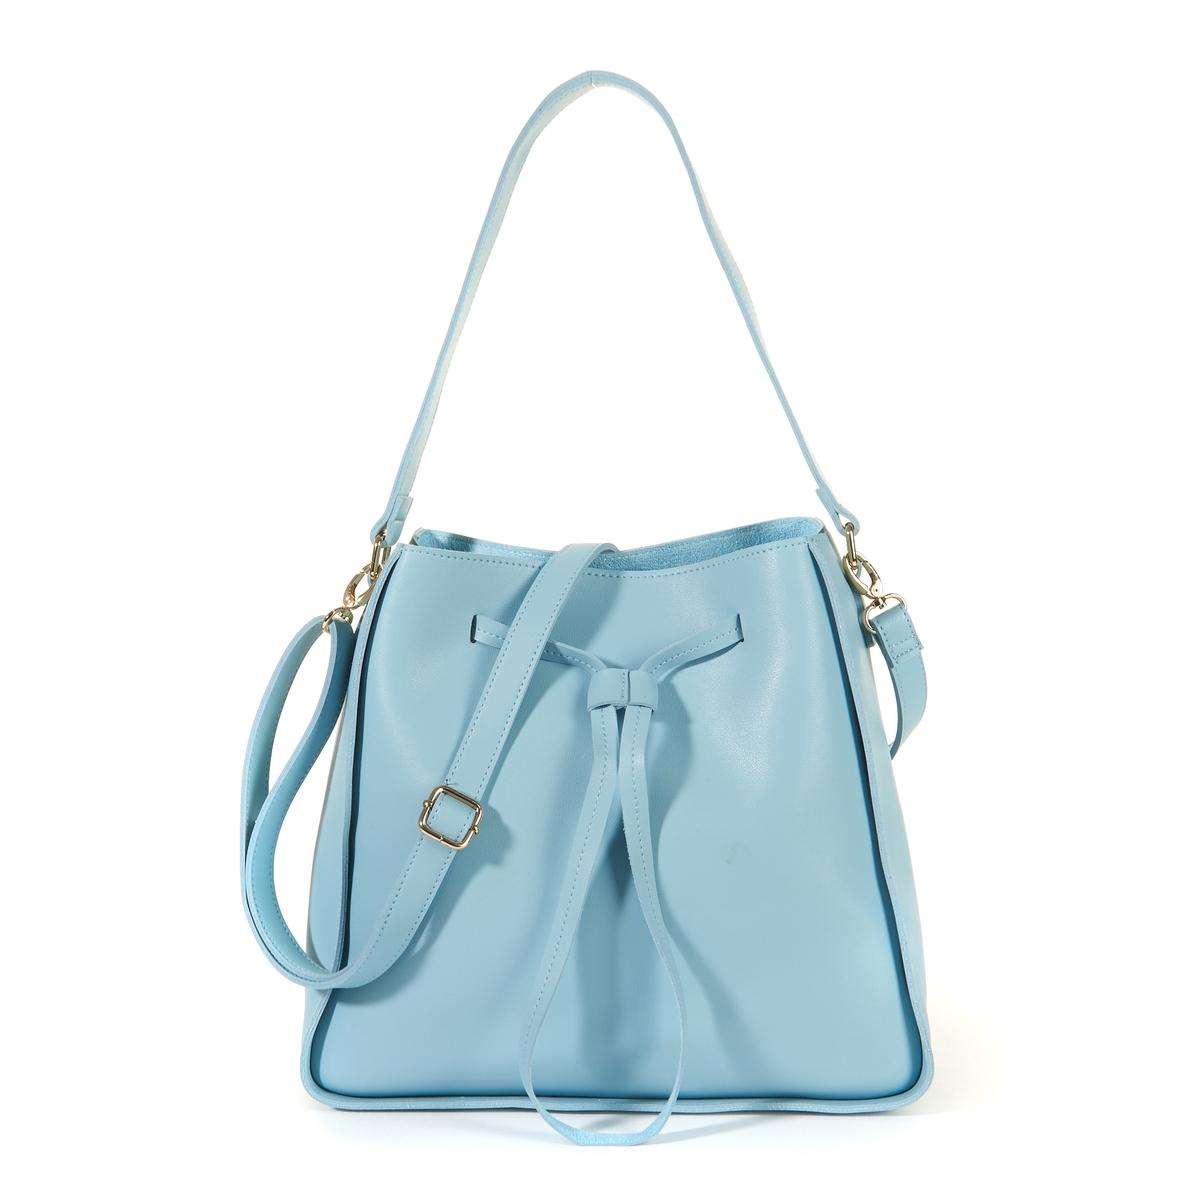 Сумка-торба пастельного цветаОписание:Изящная и женственная сумка красивой формы и очень модной расцветки : замечательная сумка, которую стоит приобрести немедленно!Состав и описание : •  Внешний материал : 100% полиуретан  •  Подкладка : 100% полиэстер •  Размер :  Ш36 x В28 х Г11 см •  Застежка : завязки •  Внутренний карман : 1 карман на молнии  •  Ремешок :  съемный регулируемый    •  Носить : через плечо или в руках<br><br>Цвет: розовый,синий